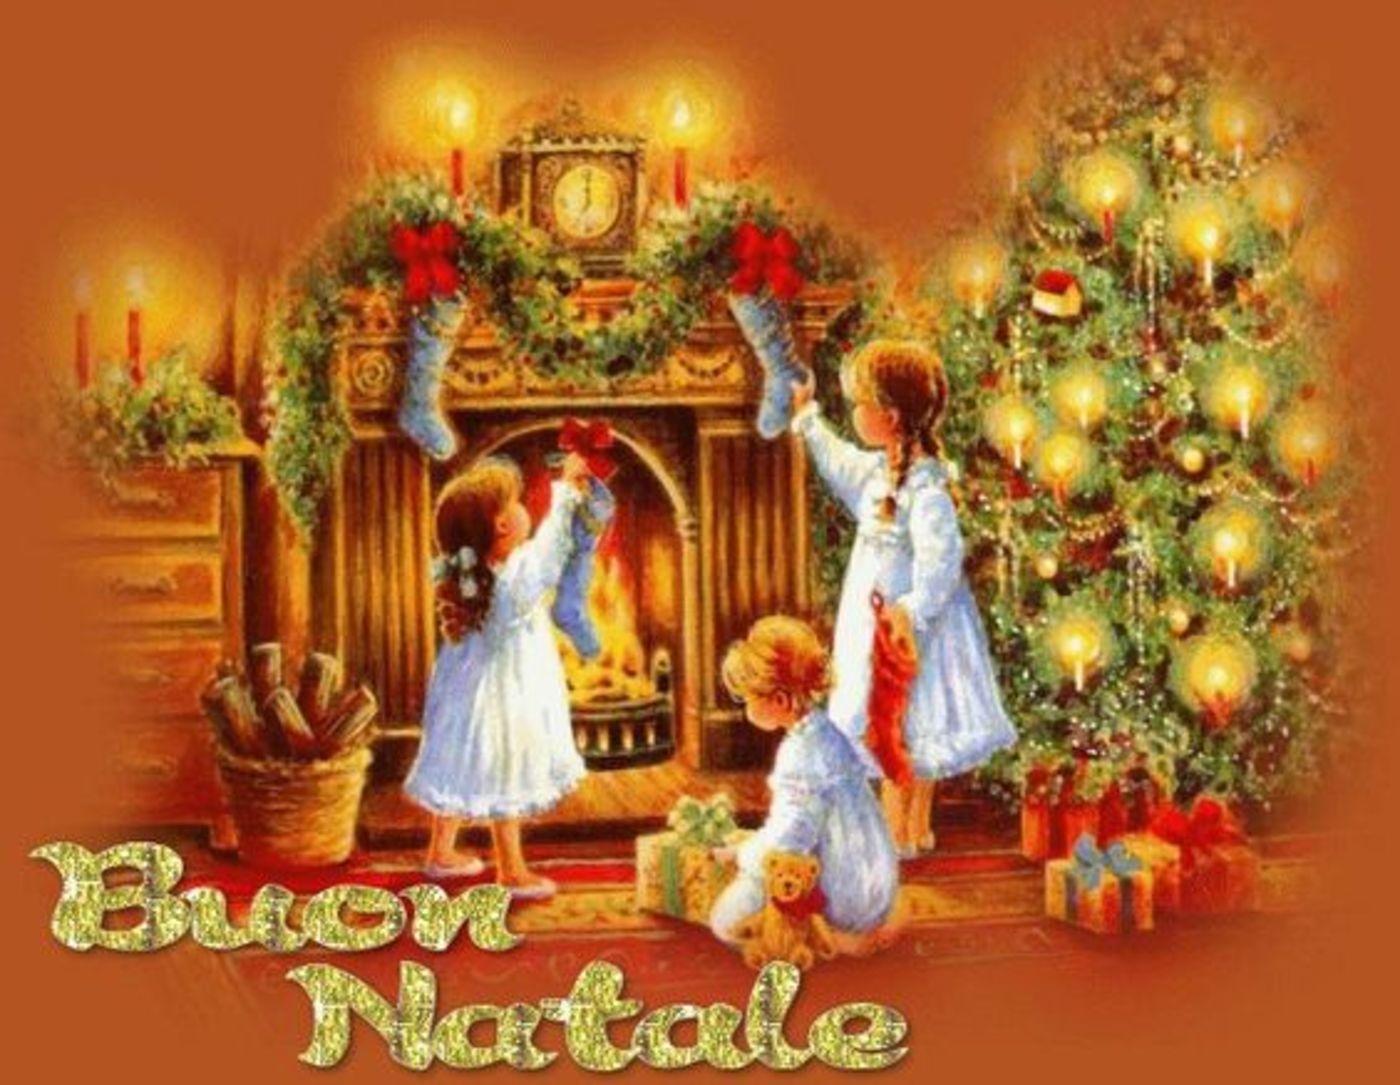 Immagini Buon Natale Gratis.Buon Natale Immagini Da Condividere Gratis